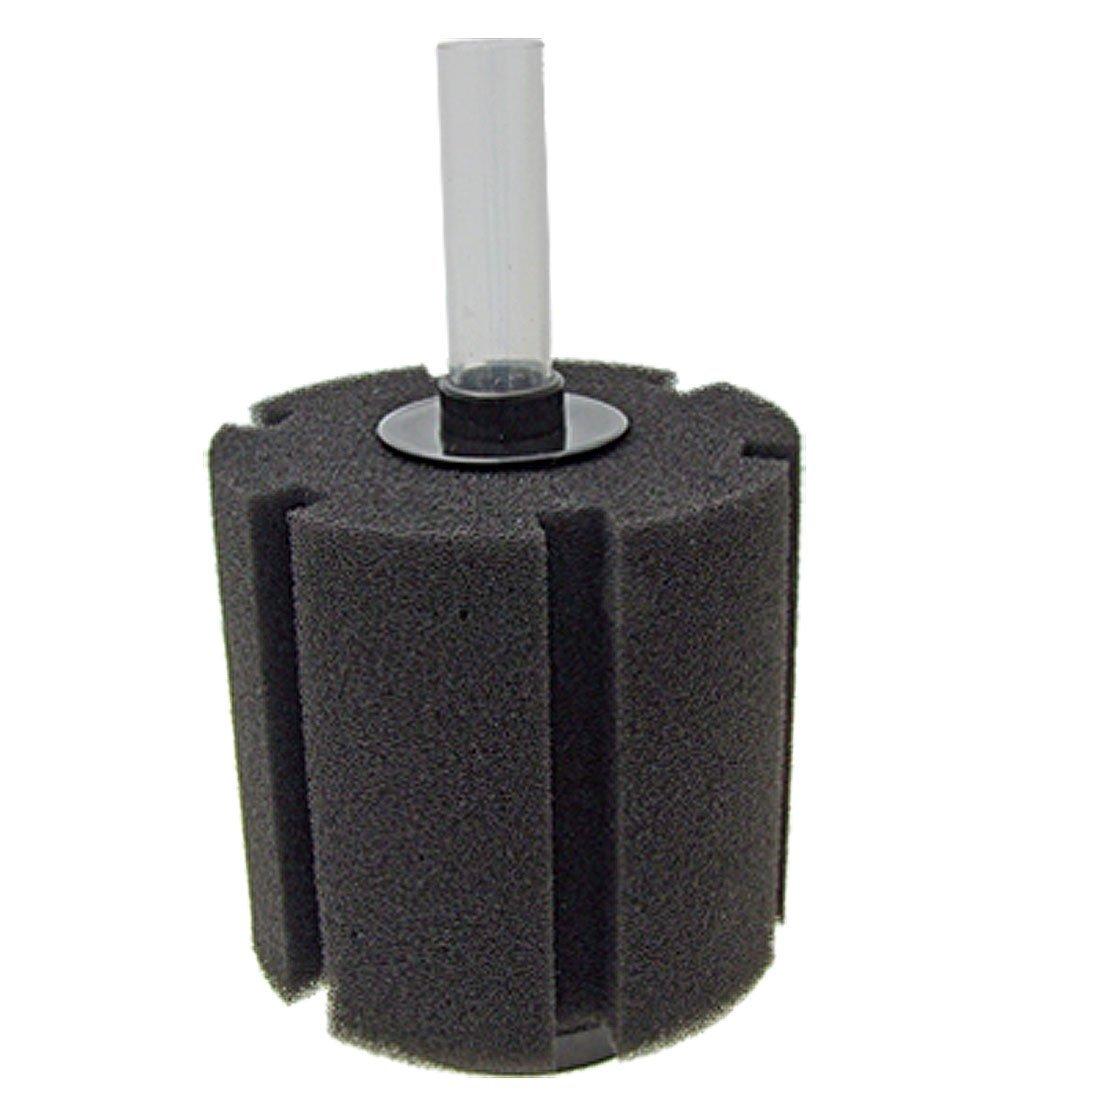 Fish tank filter sponge -